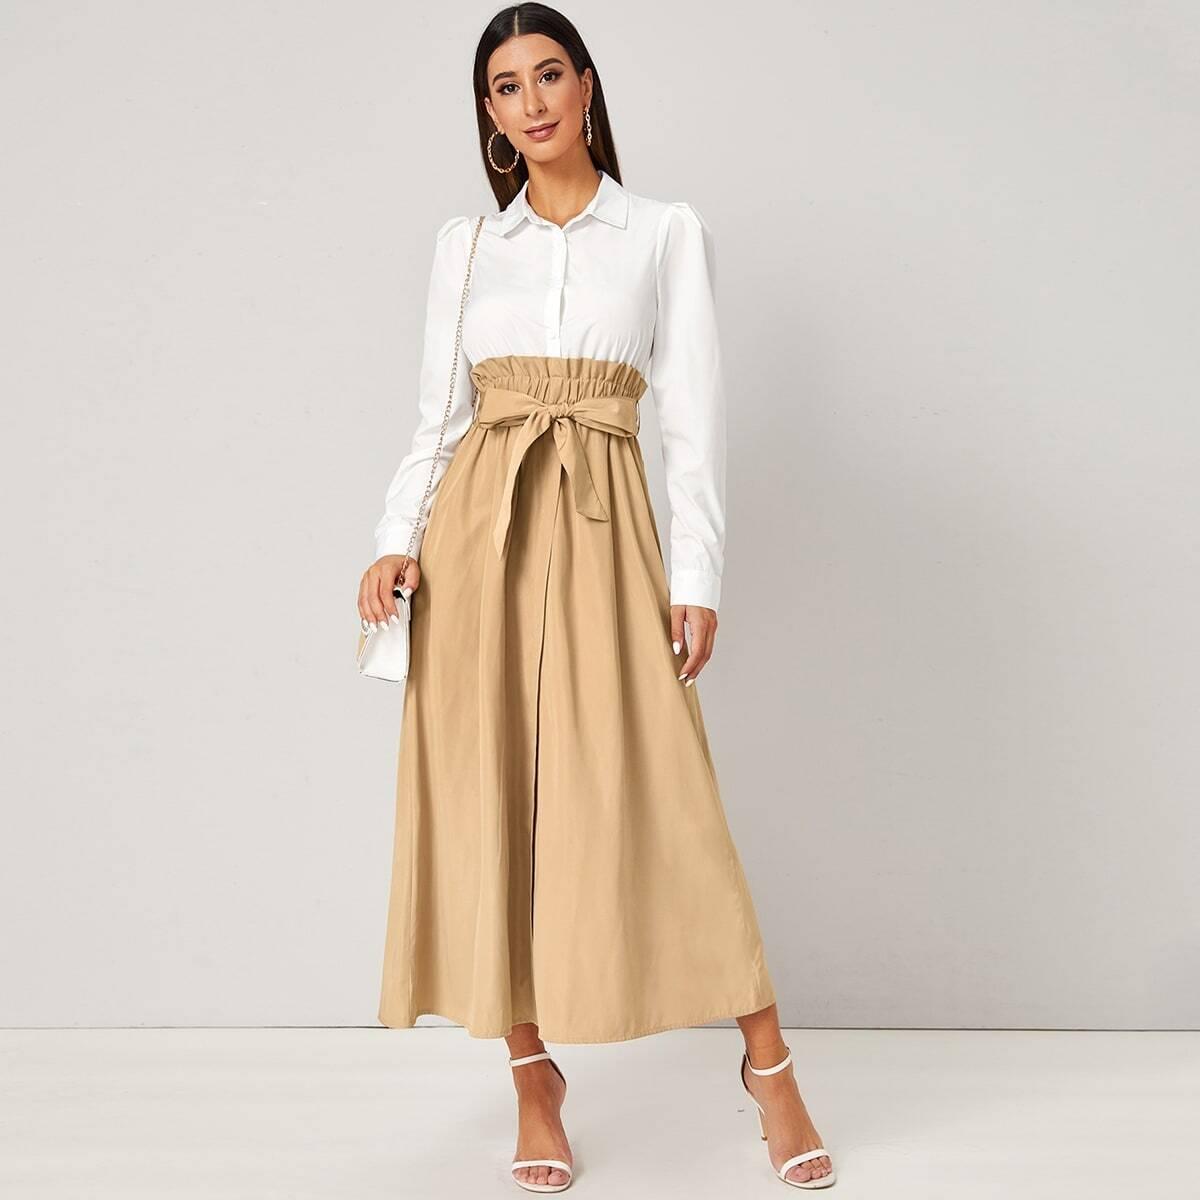 Контрастное платье с эластичной талией и поясом от SHEIN